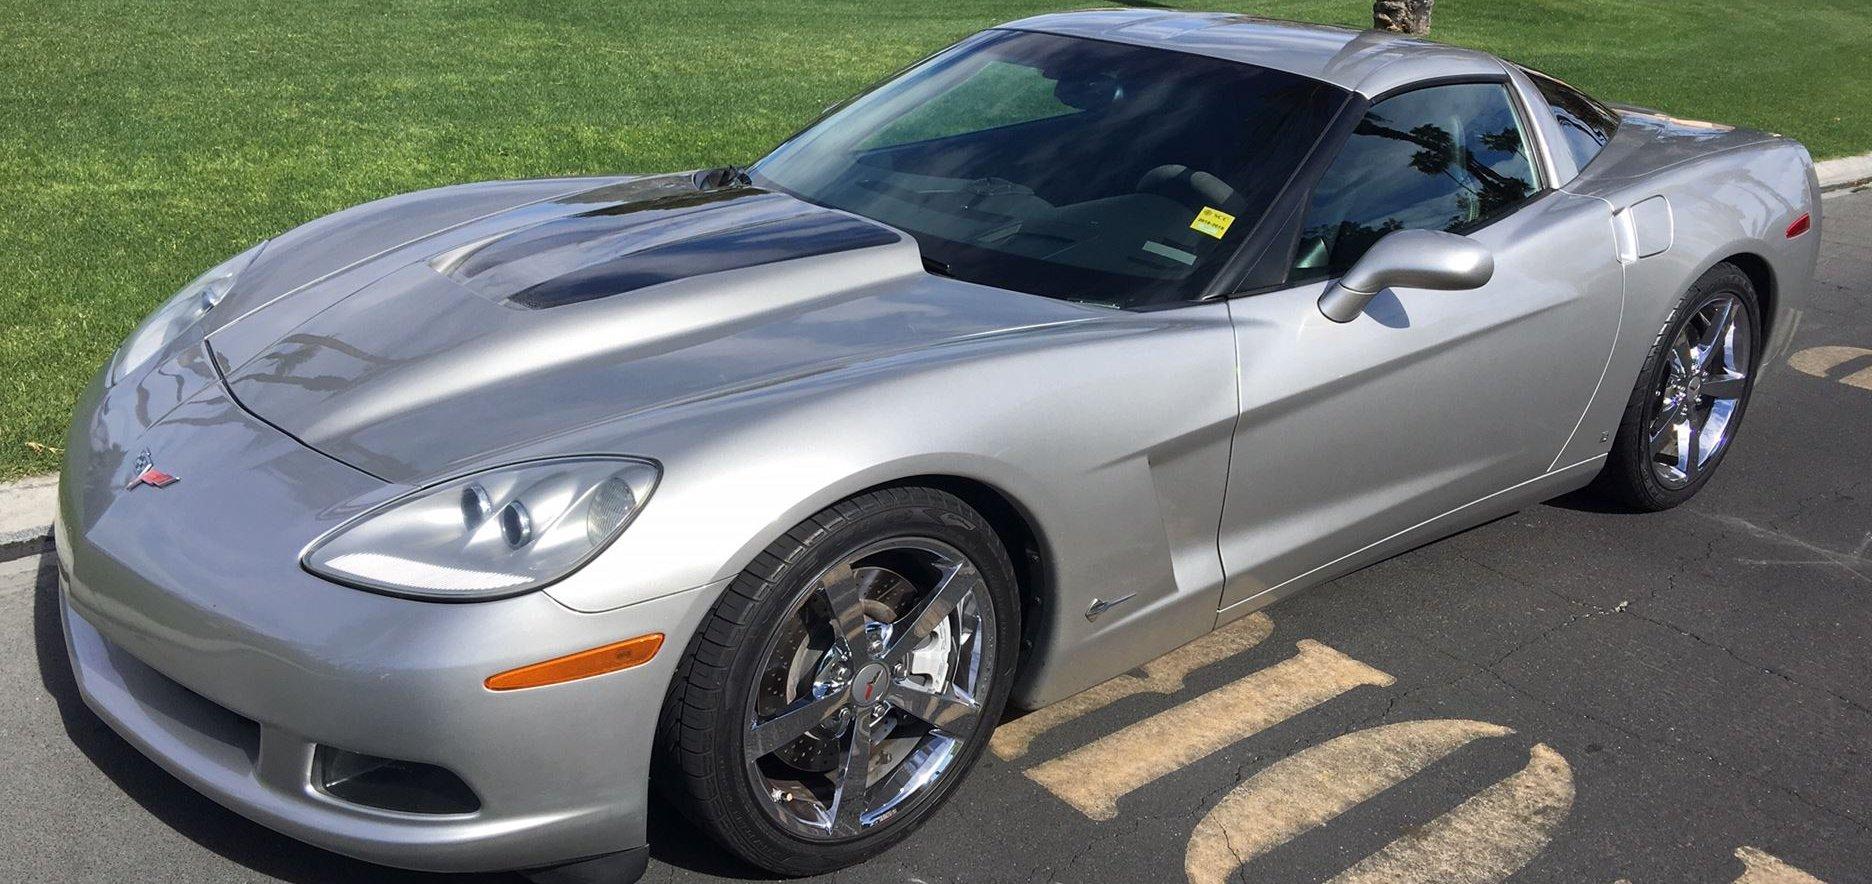 2008 Corvette coupe